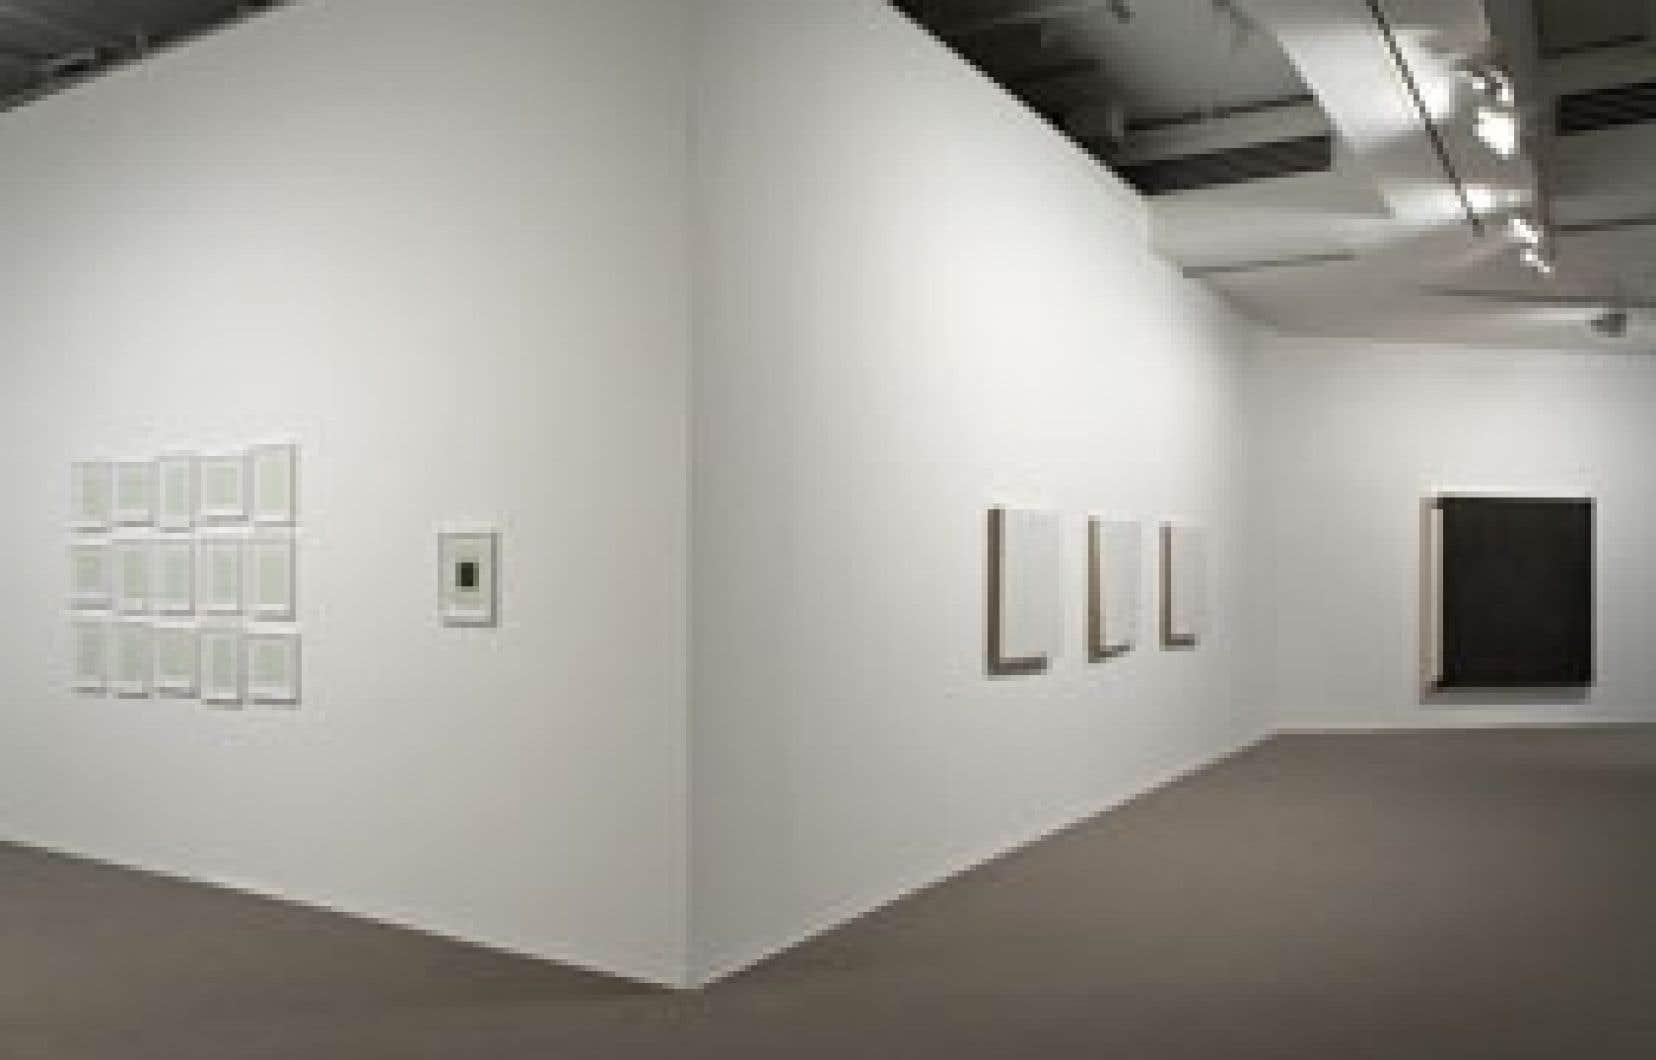 Les quatorze oeuvres de Retracer la peinture s'avèrent un juste et bel éloge d'un univers rigoureusement ambitieux, porté sur la touche minimale d'un geste, celui du peintre, d'une couleur, le blanc, et, surtout, oserons-nous dire, d'un déf